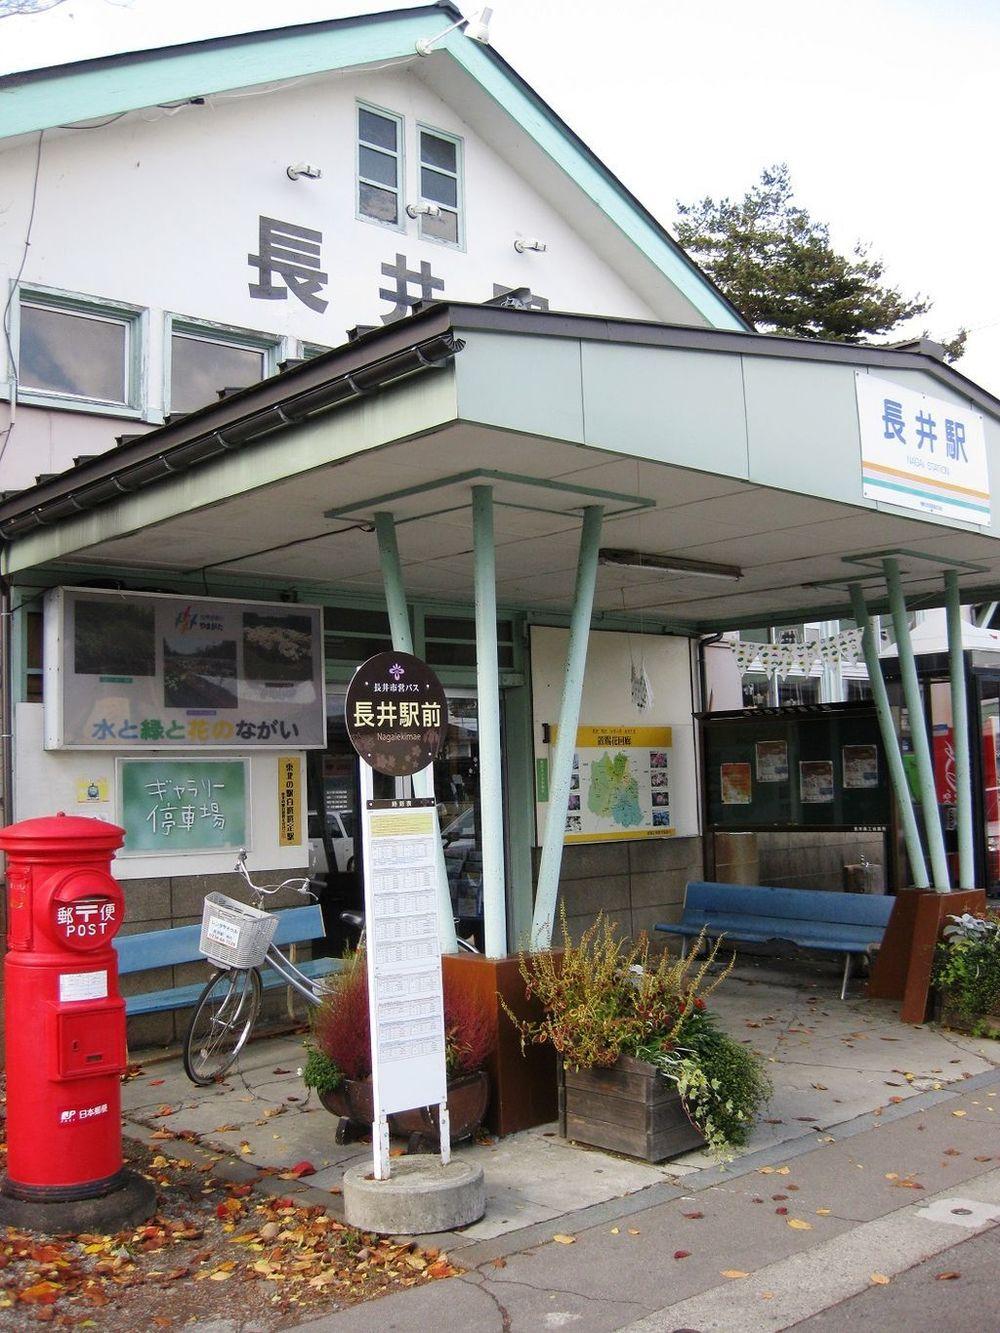 フラワー長井線の長井駅(Quu72さん撮影、Wikimedia Commonsから)